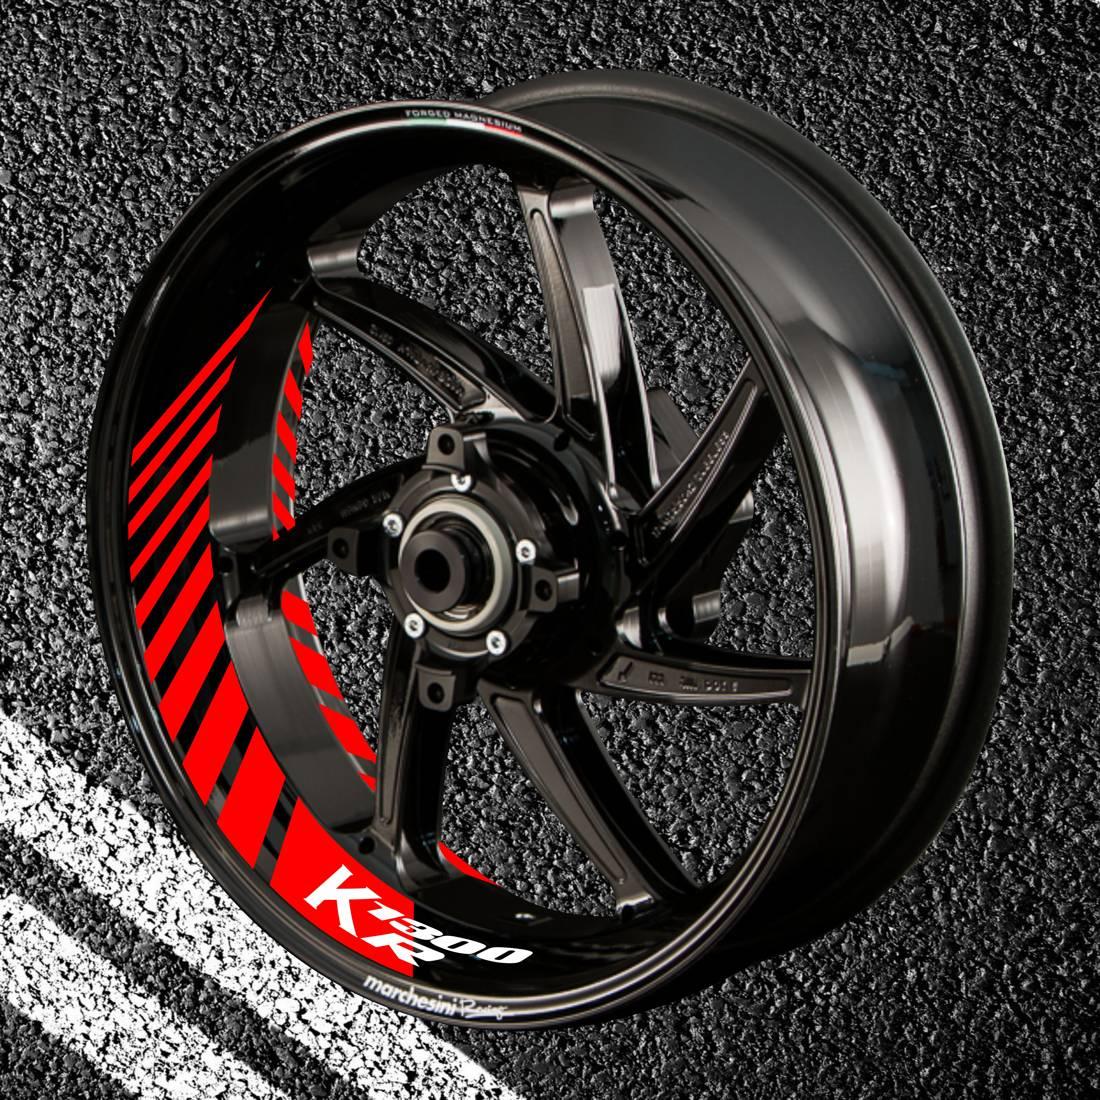 Комплект наклеек с полосами на колеса мотоцикла BMW K-1300-R